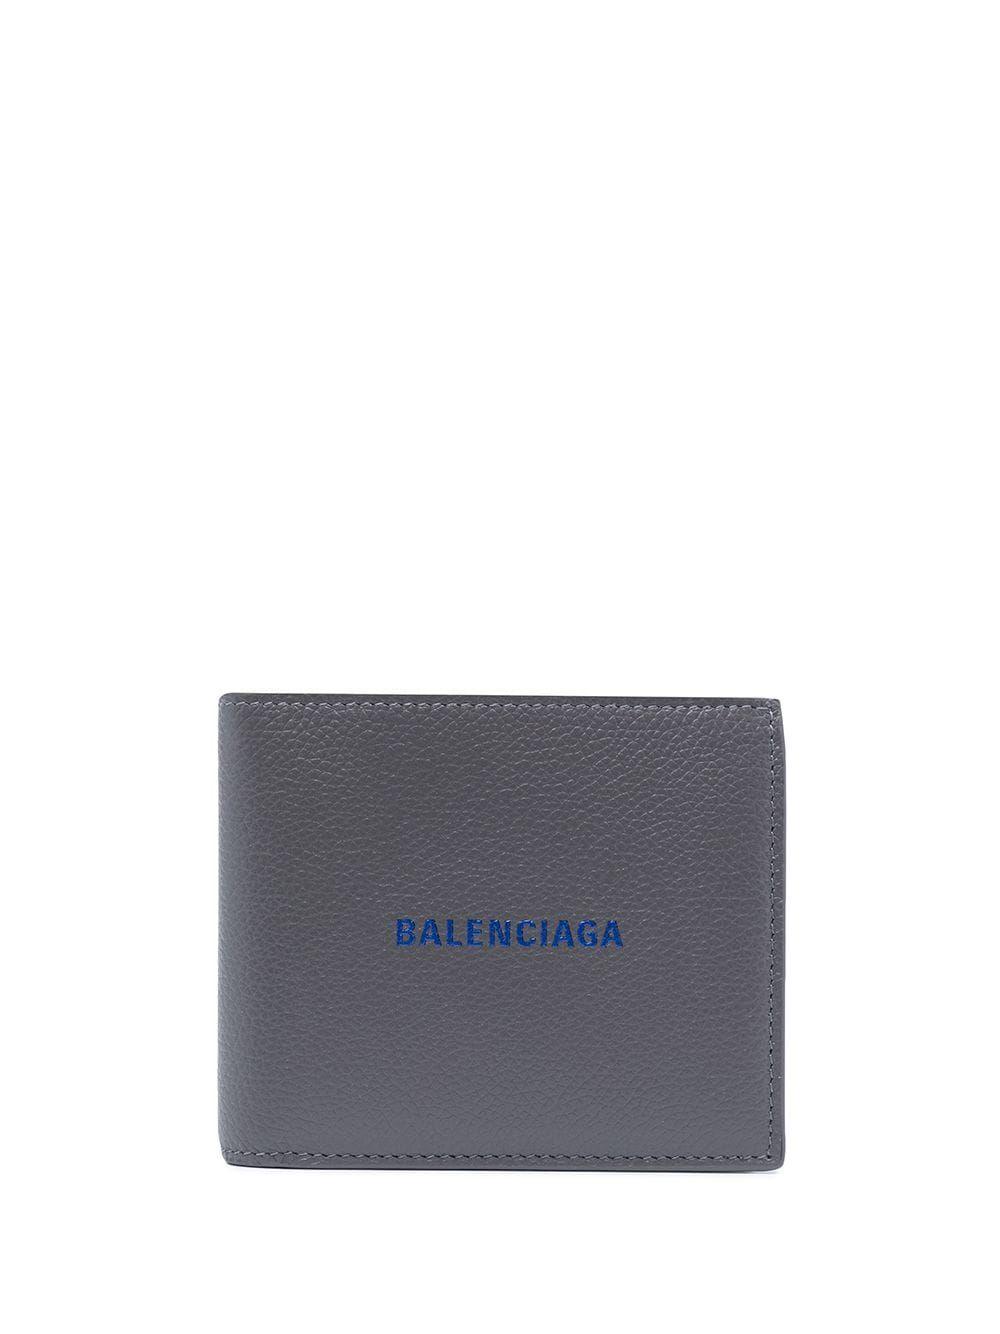 Balenciaga Wallets BALENCIAGA MEN'S GREY LEATHER WALLET